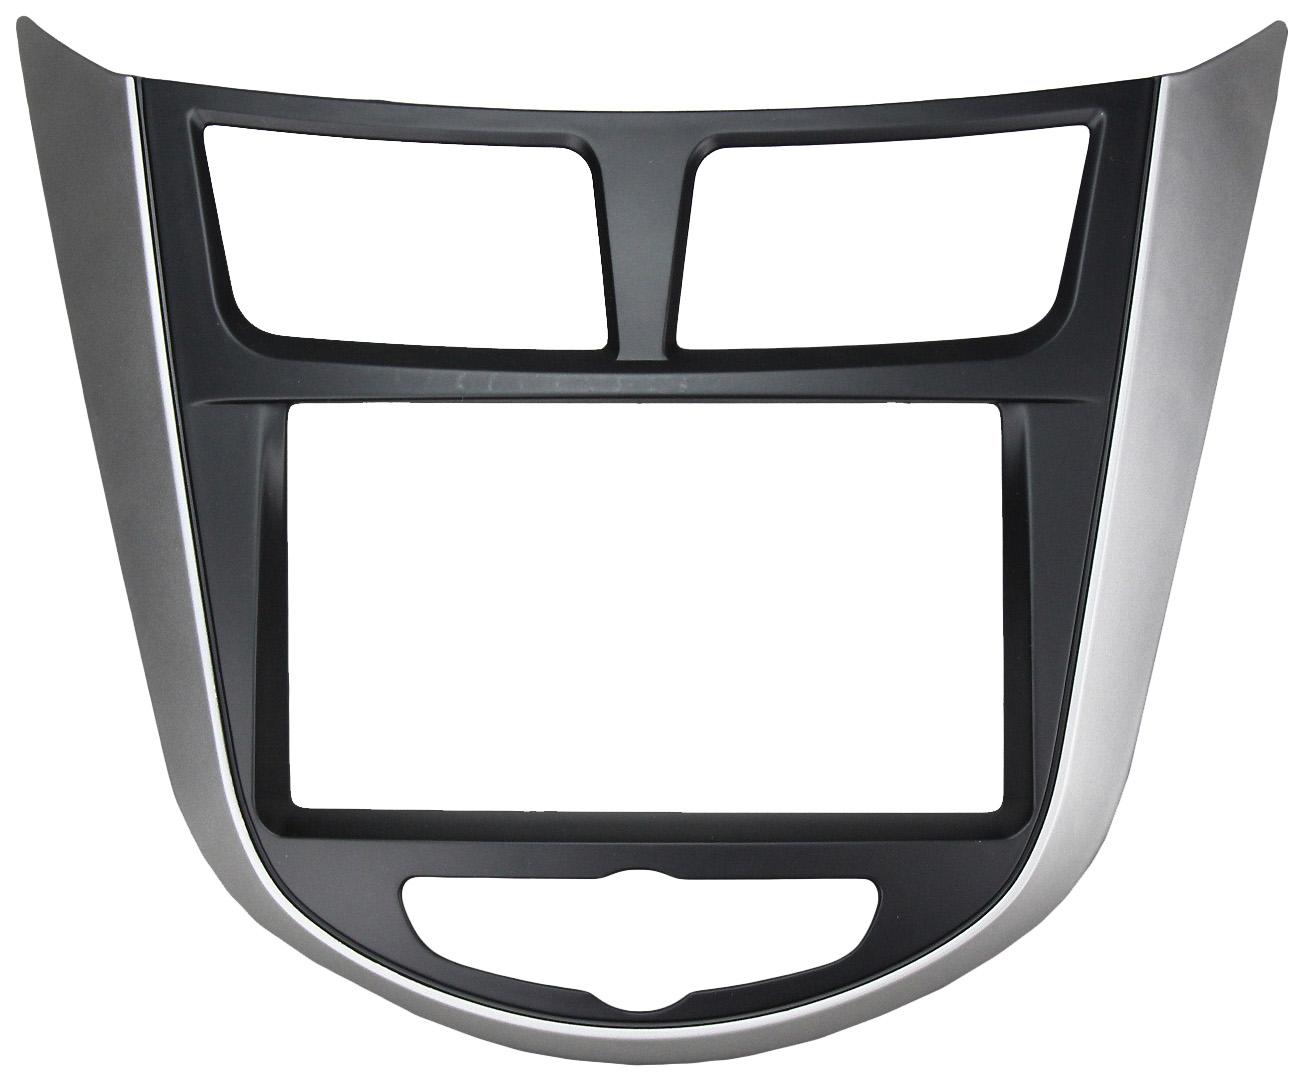 Переходная рамка Incar (Intro) для Hyundai